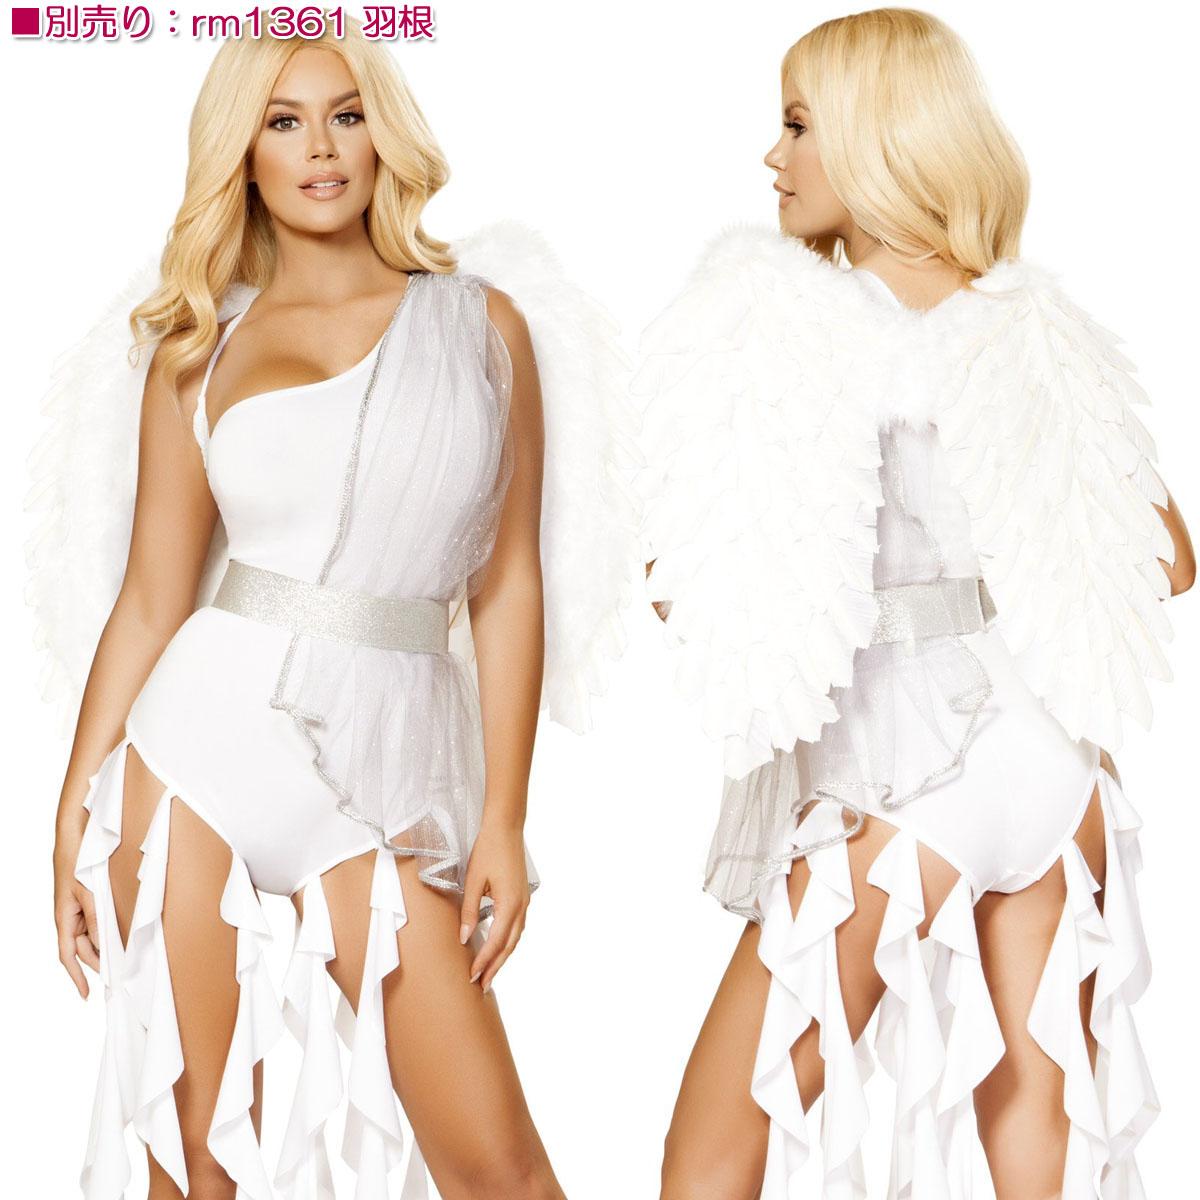 海外ブランド ROMA ローマ ハロウィンコスチューム レディースファッション コスプレ衣装 仮装 ホワイト シルバーシースルーフリルのオーバーレイ ロンパース 女神コスチューム2点セット